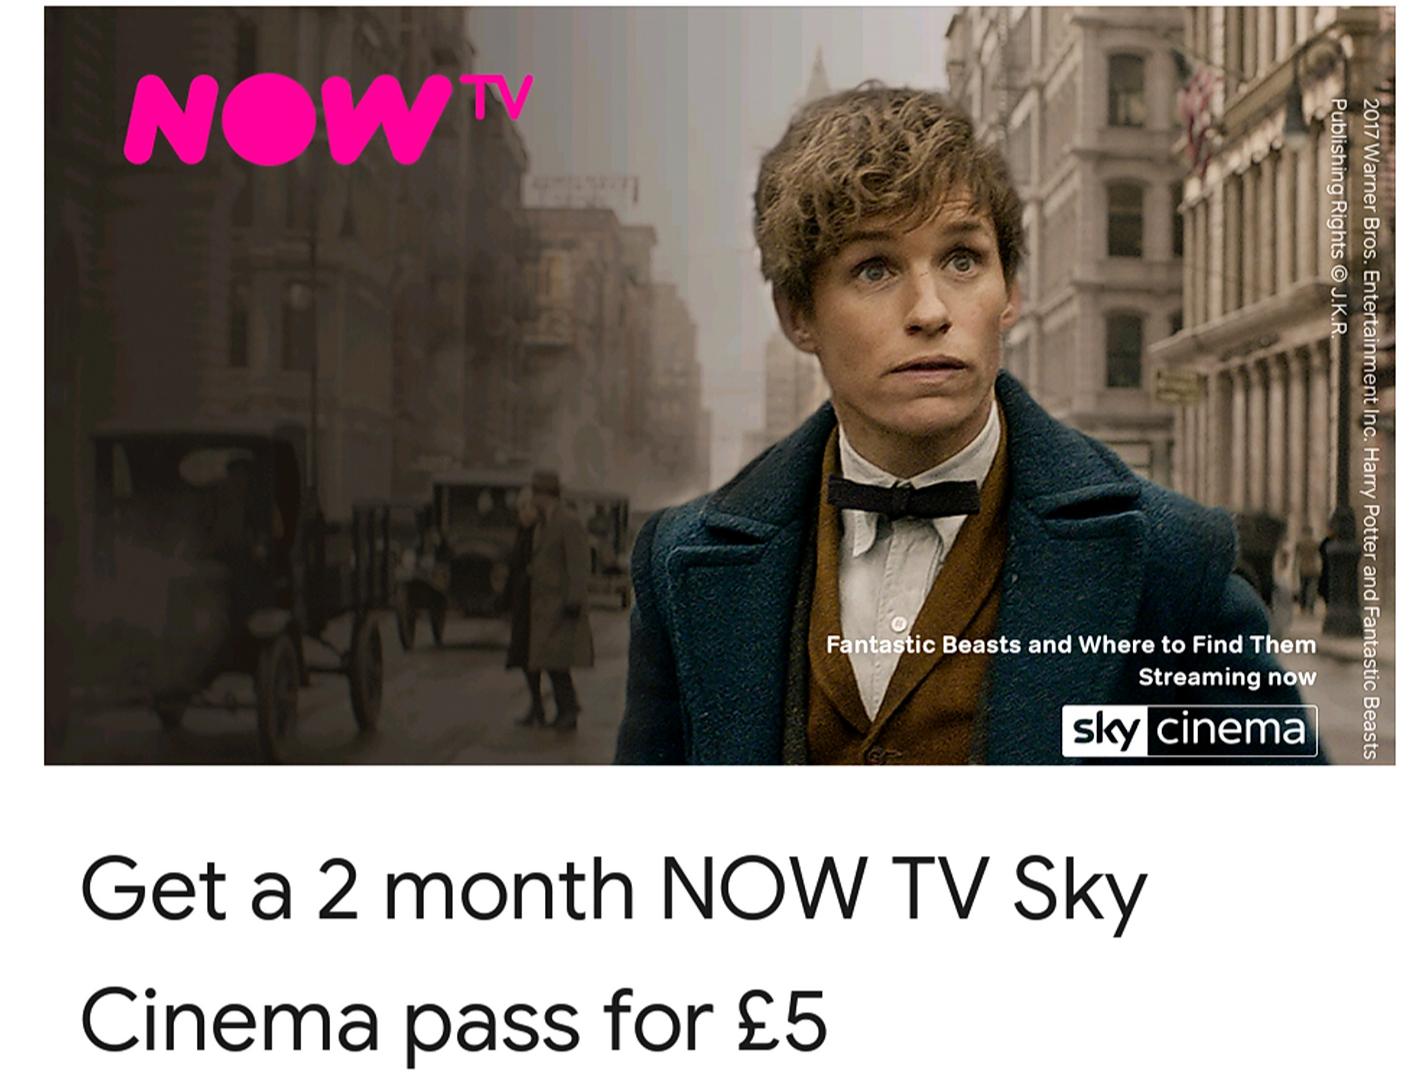 Chromecast in app offer 2 Months NowTv for £5